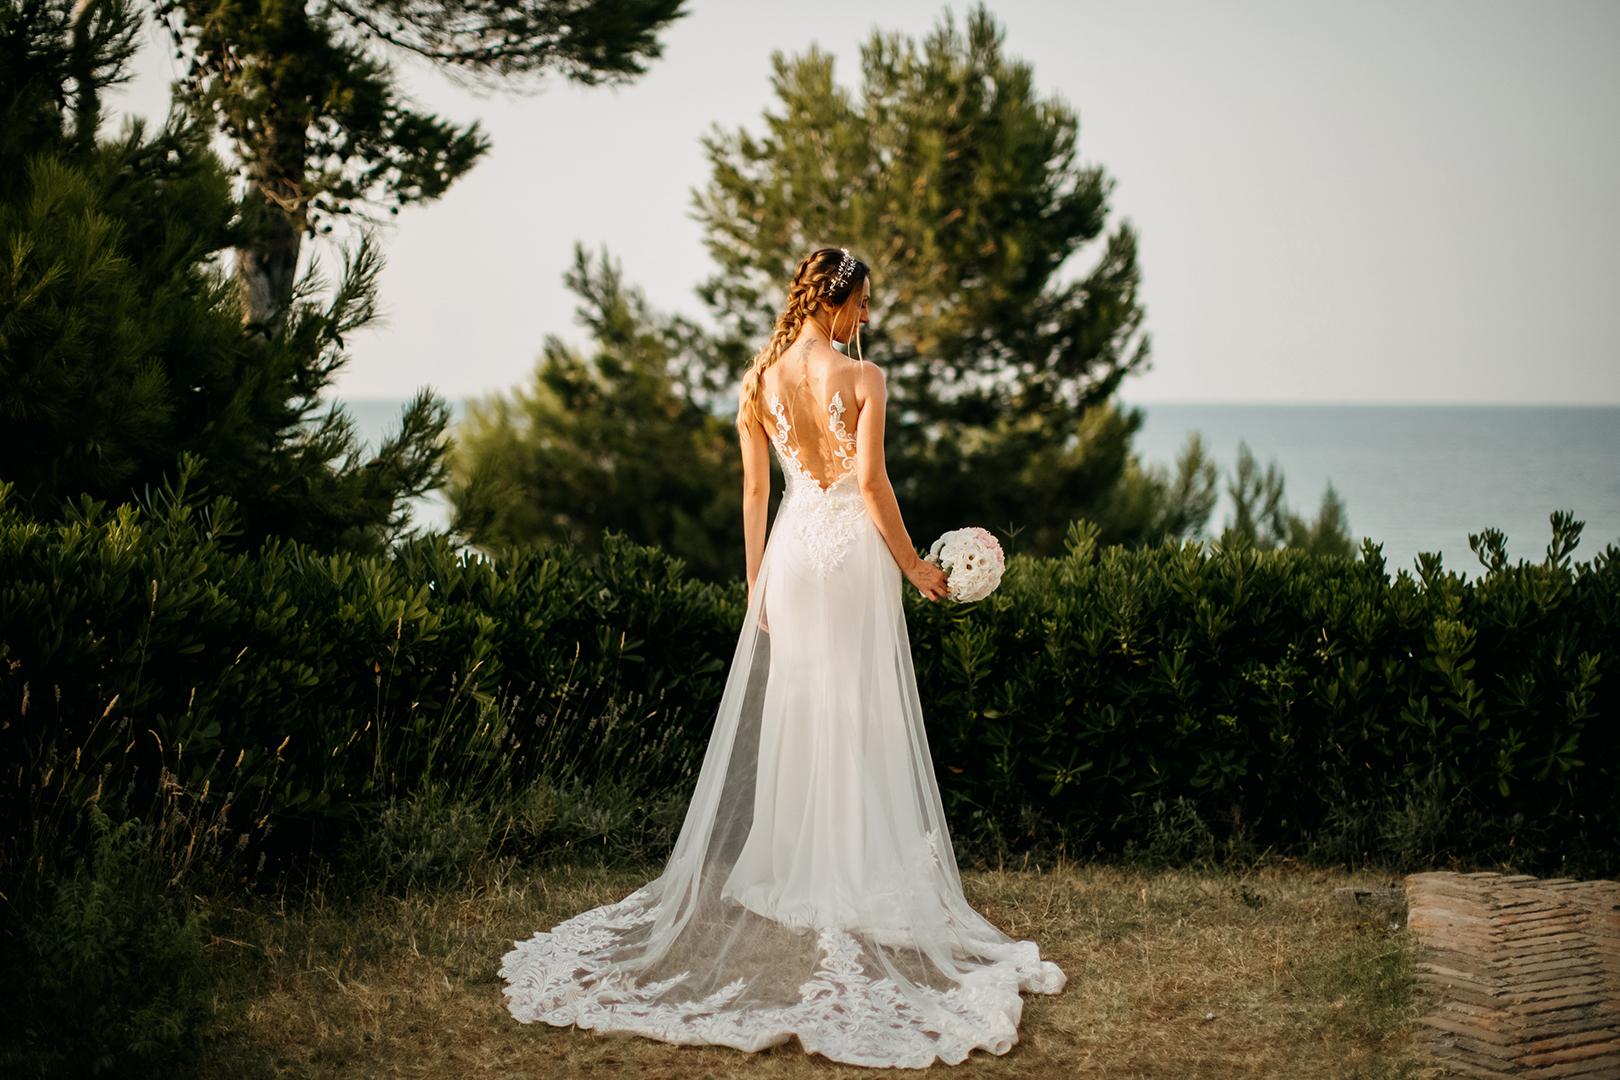 43 gianni-lepore-fotografo-ritratto-sposa-bride-matrimonio-wedding-silvi